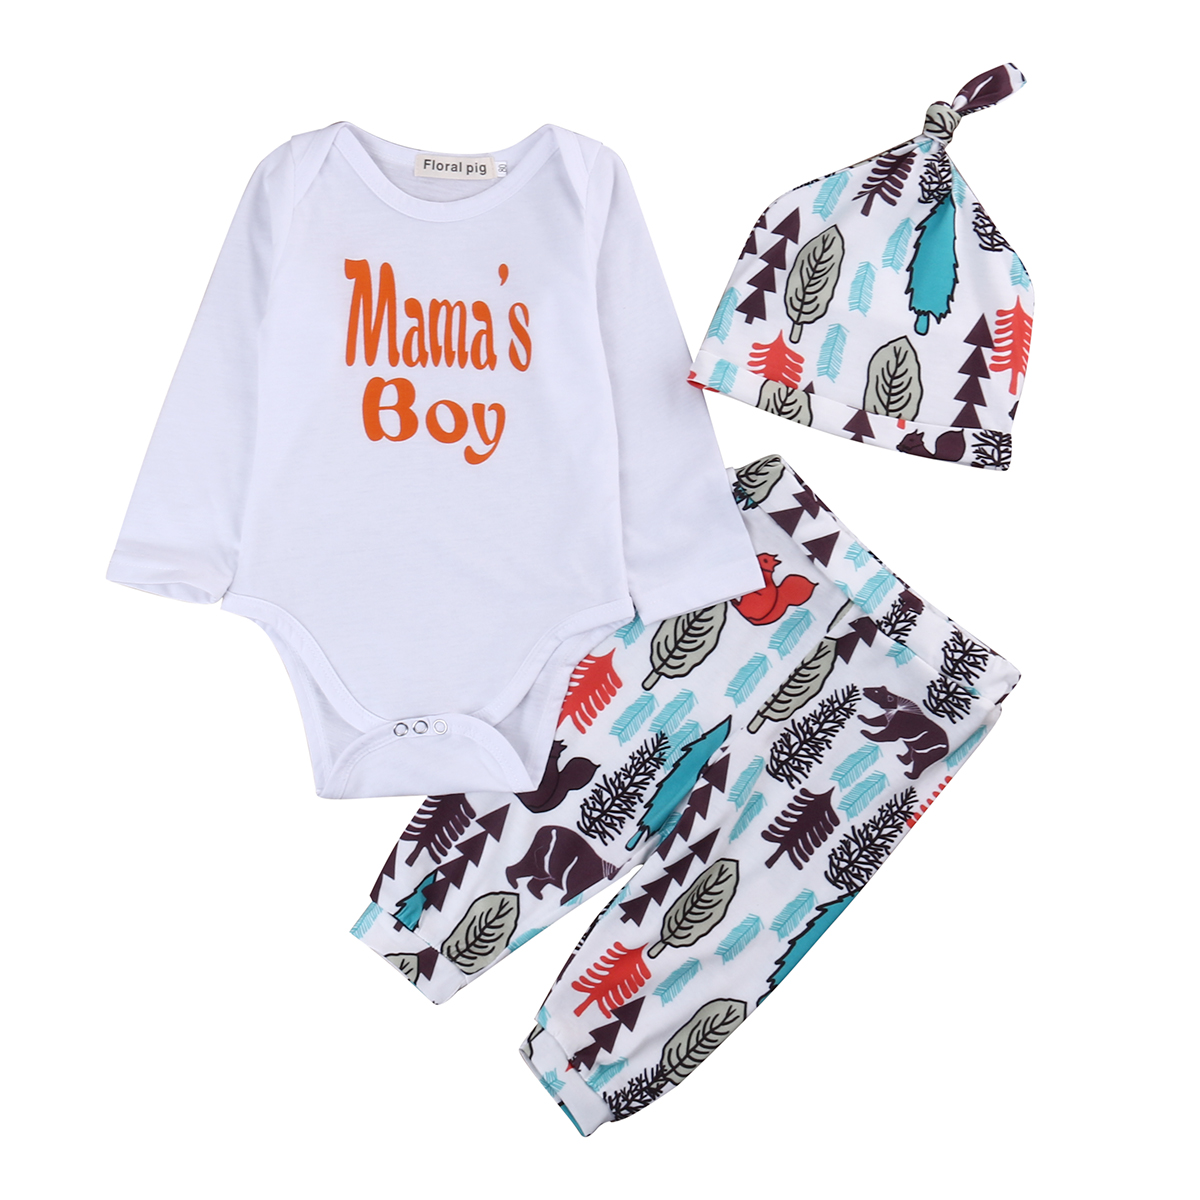 3 pcs bebê Recém-nascido Da Criança Infantil Do Bebê Da Menina do Menino  Roupas menino da mamã Romper Manga Longa Encabeça + Calças Chapéu Roupas  conjunto a76b1cf404